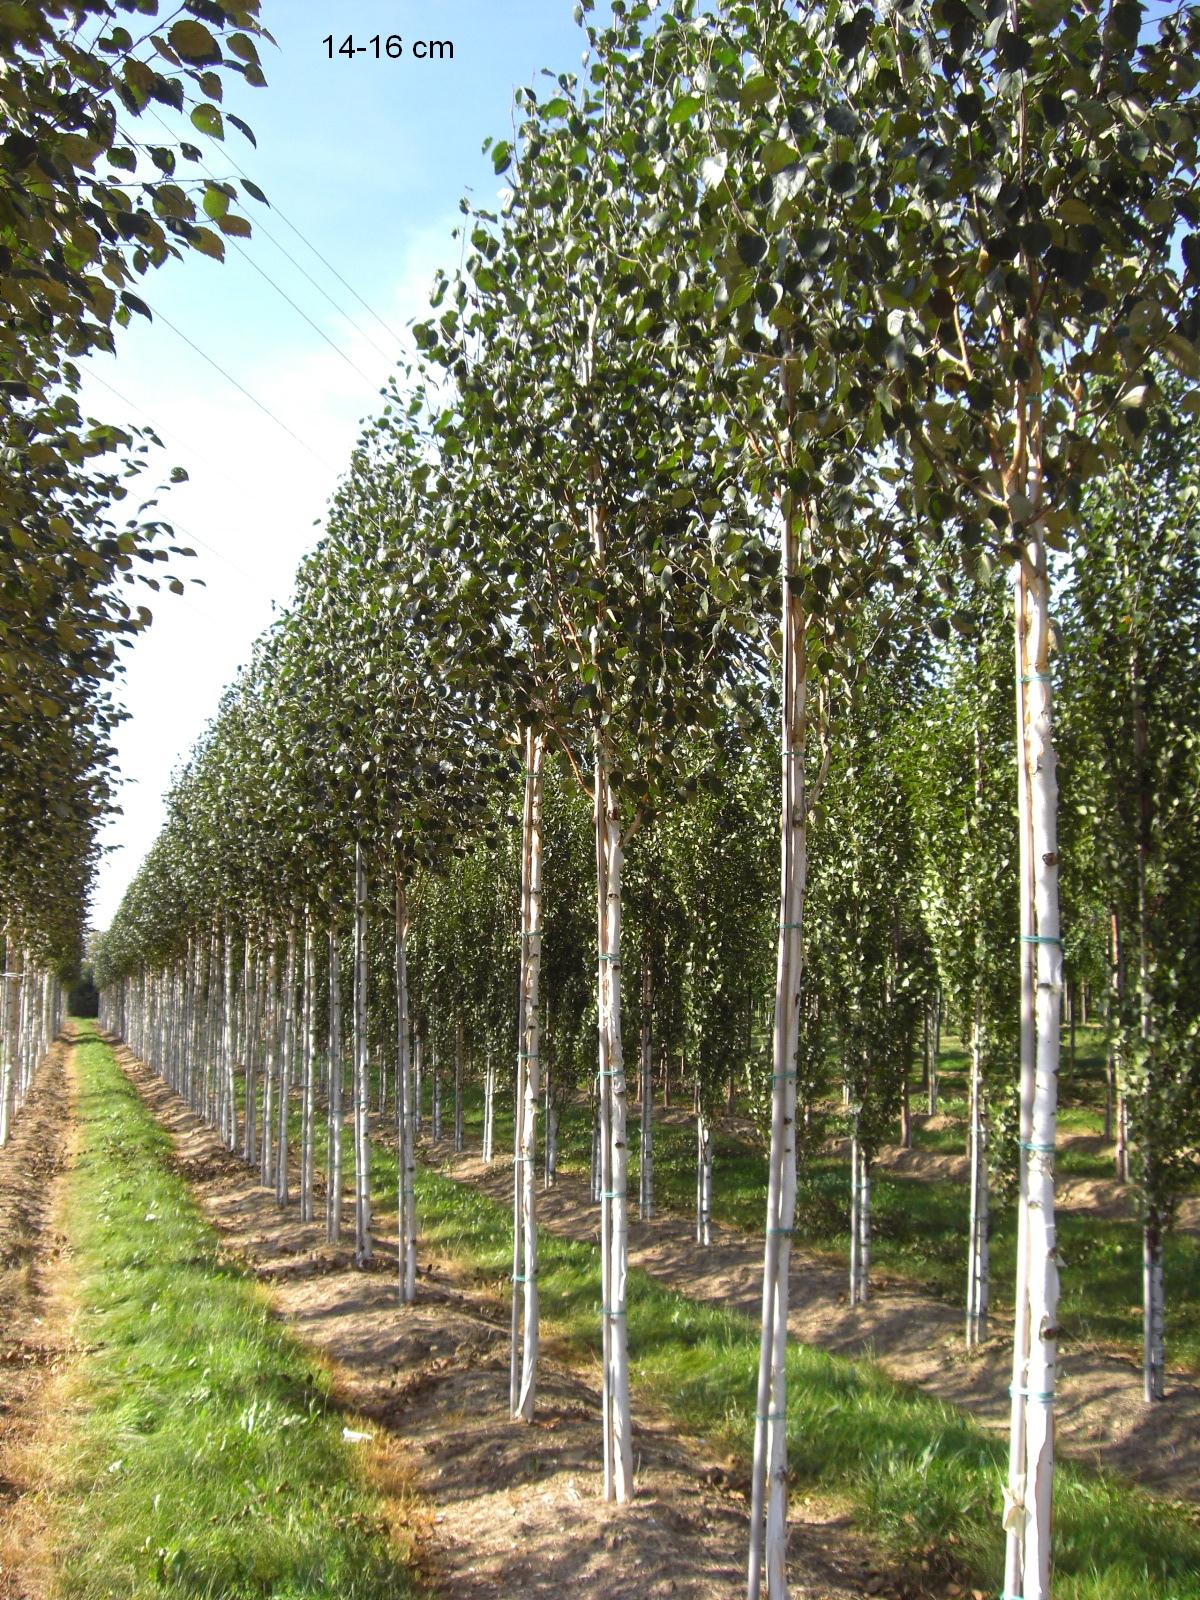 Lust Auf Einen Interessanten Aussergewohnlichen Baum In Ihrem Garten